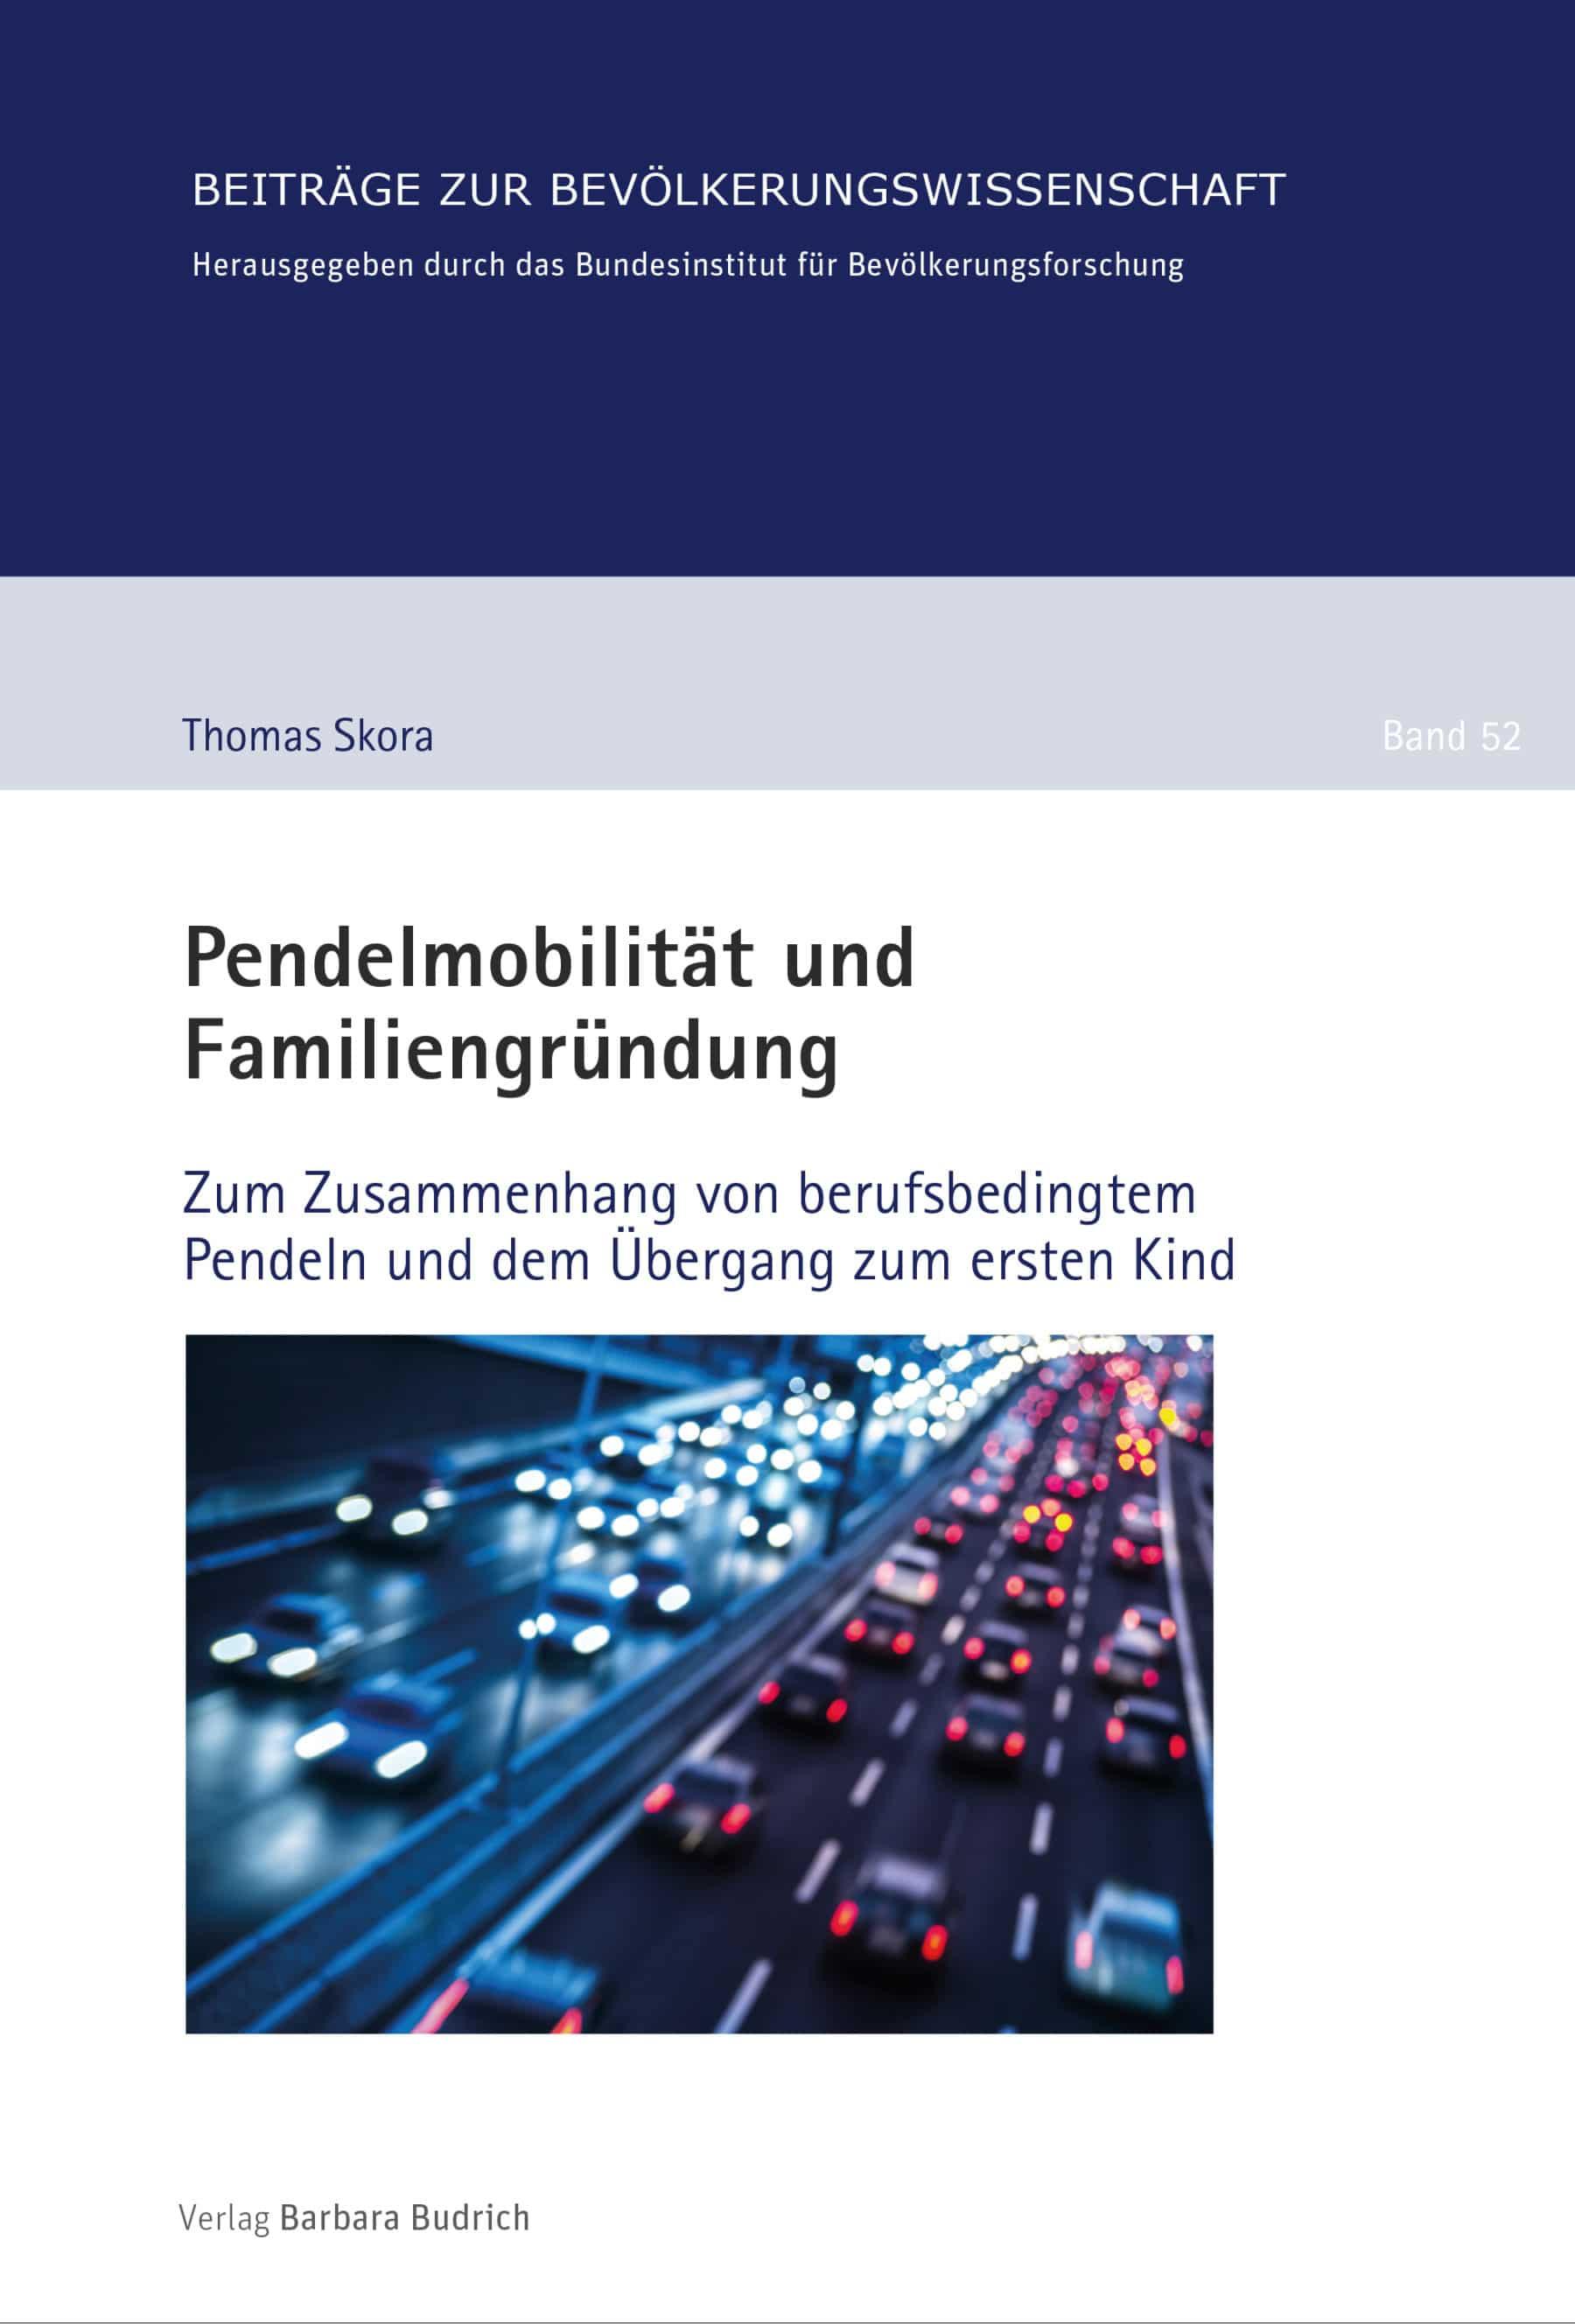 Pendelmobilität und Familiengründung